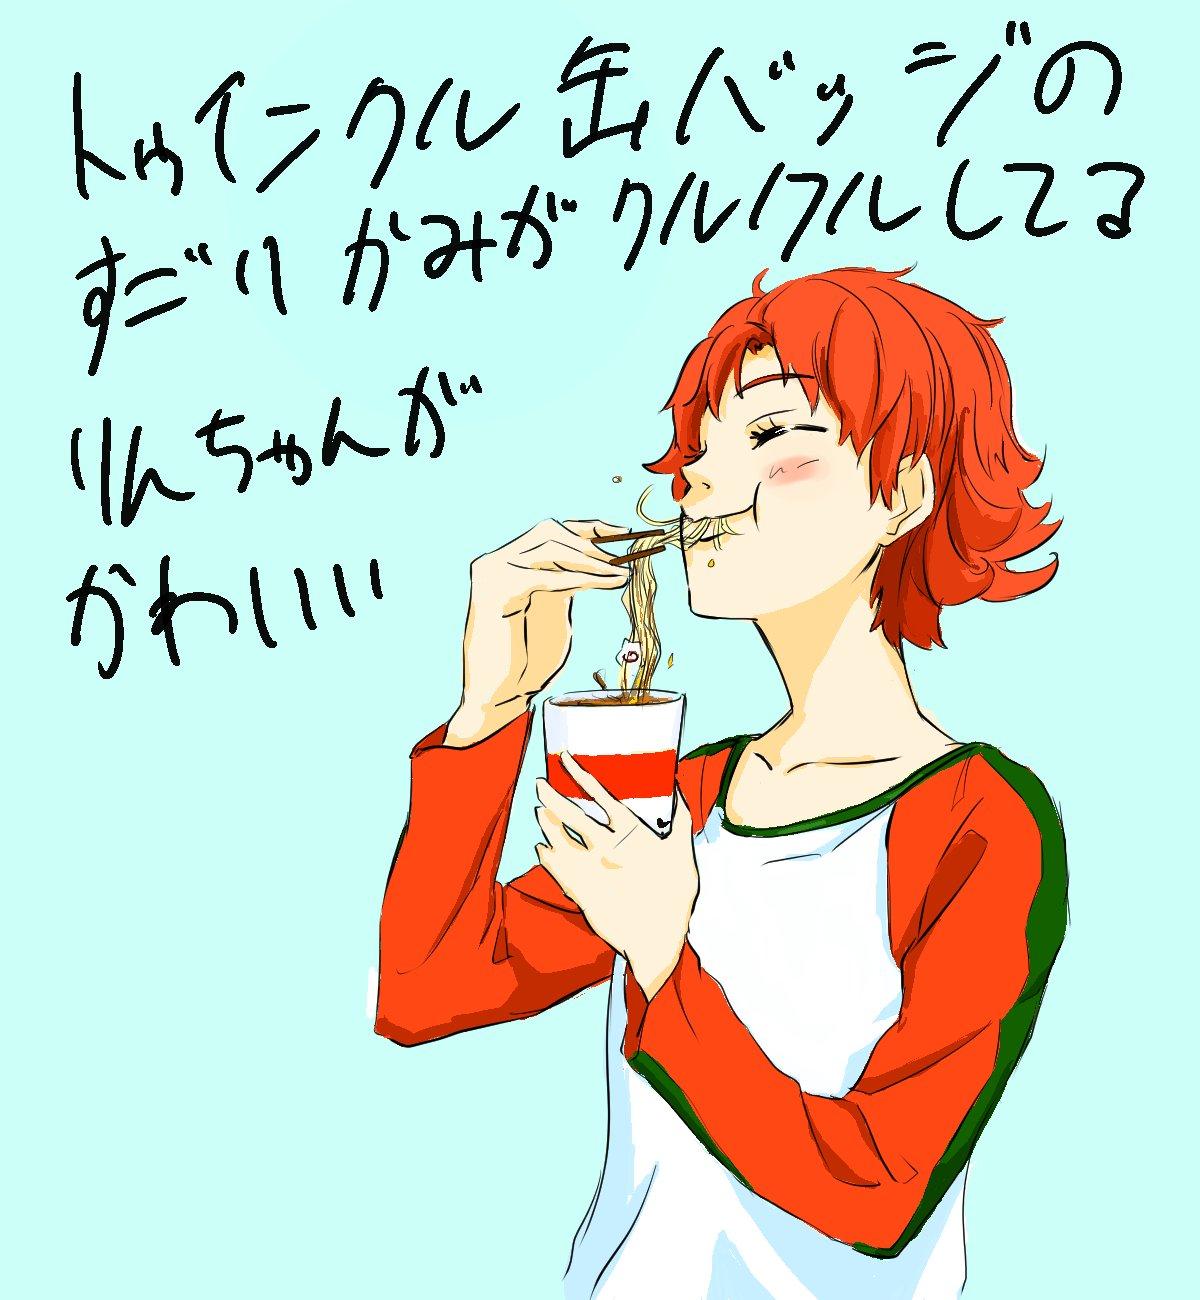 します (@sushi_394)さんのイラスト